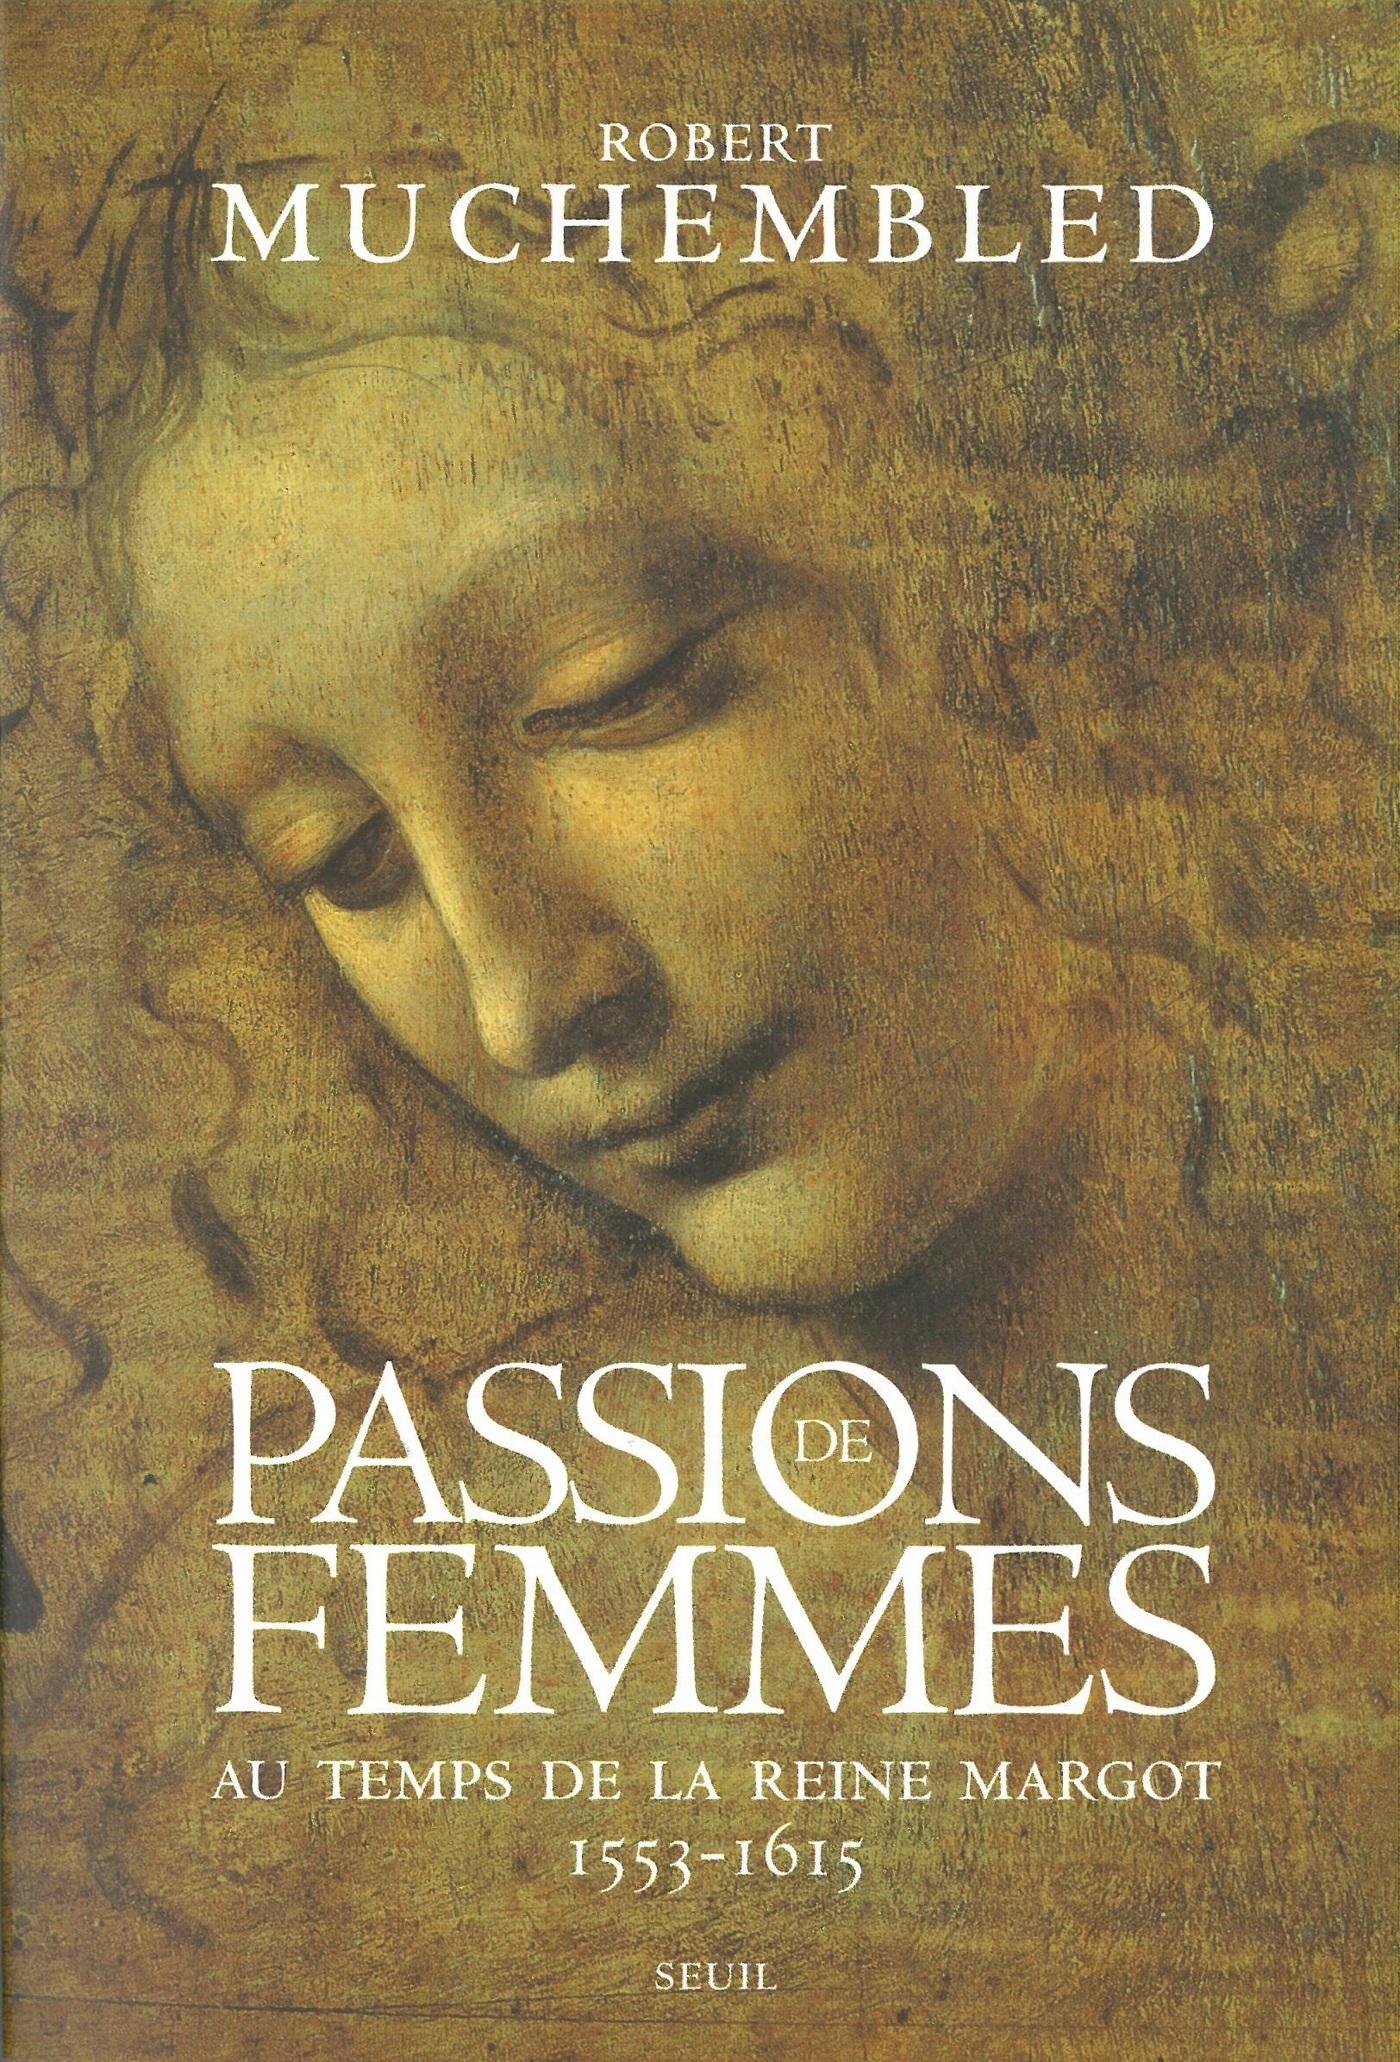 Passions de femmes au temps de la reine Margot (1553-1615)